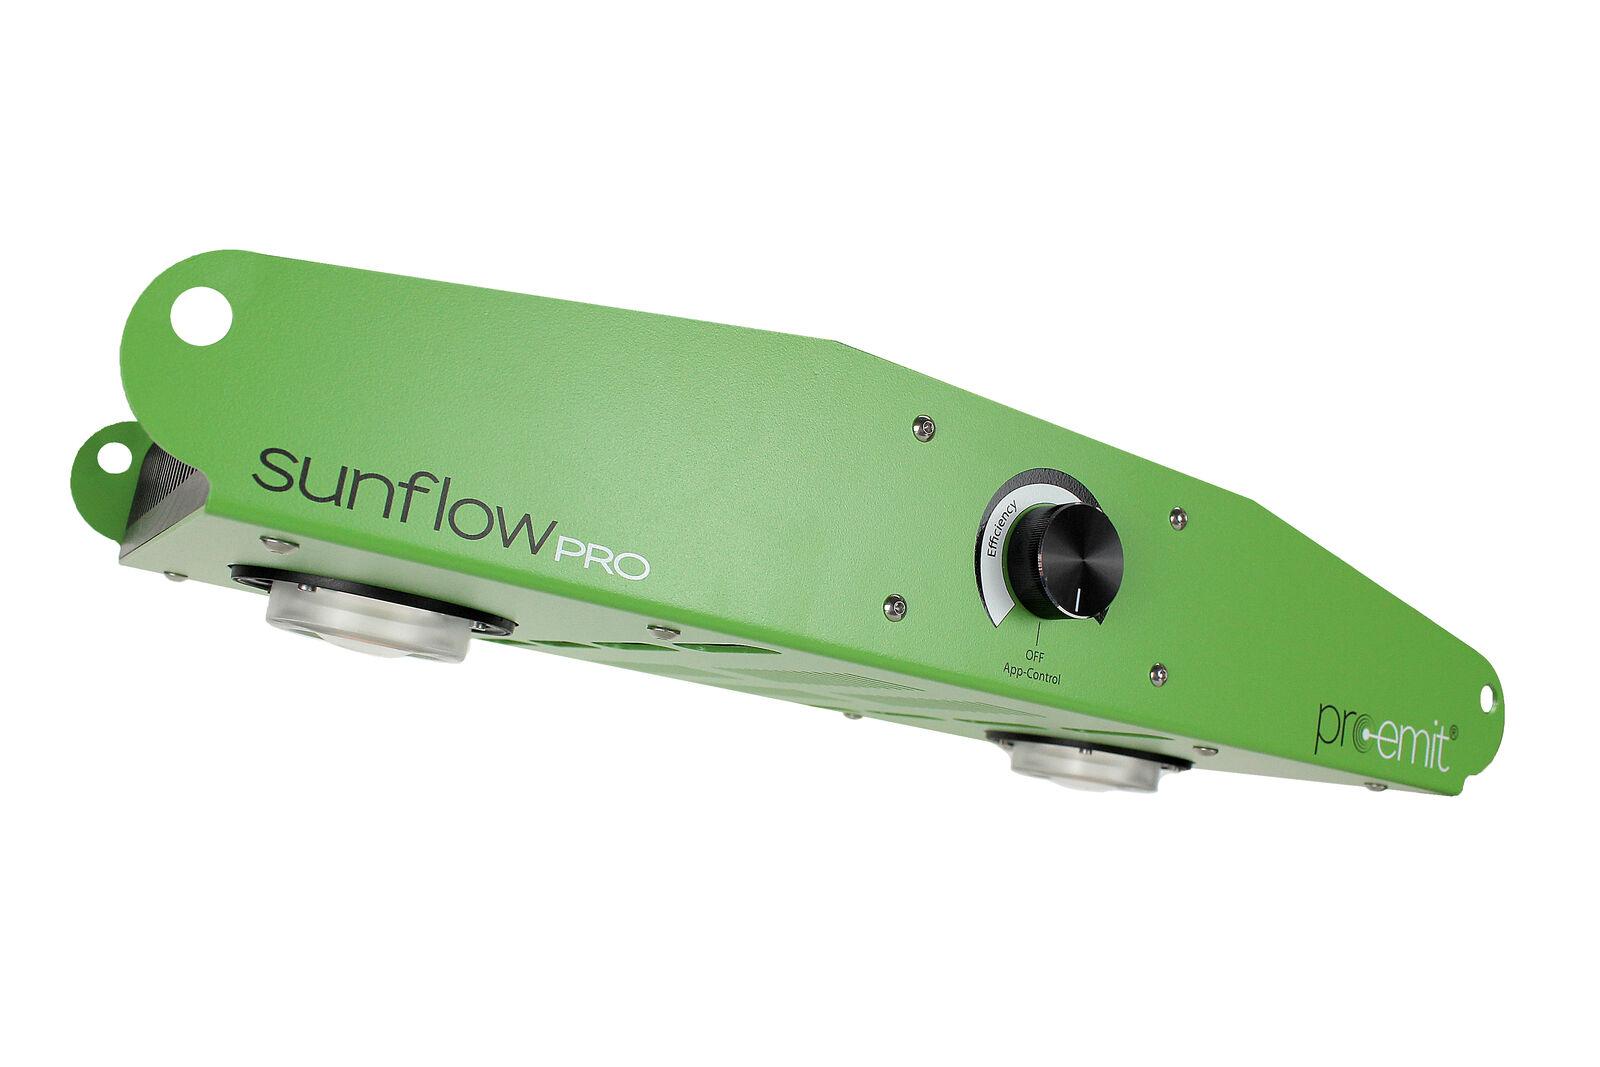 Pro-emit sunflowpro-LED lámpara vegetales 150 vatios, plantas lámpara creció & floración